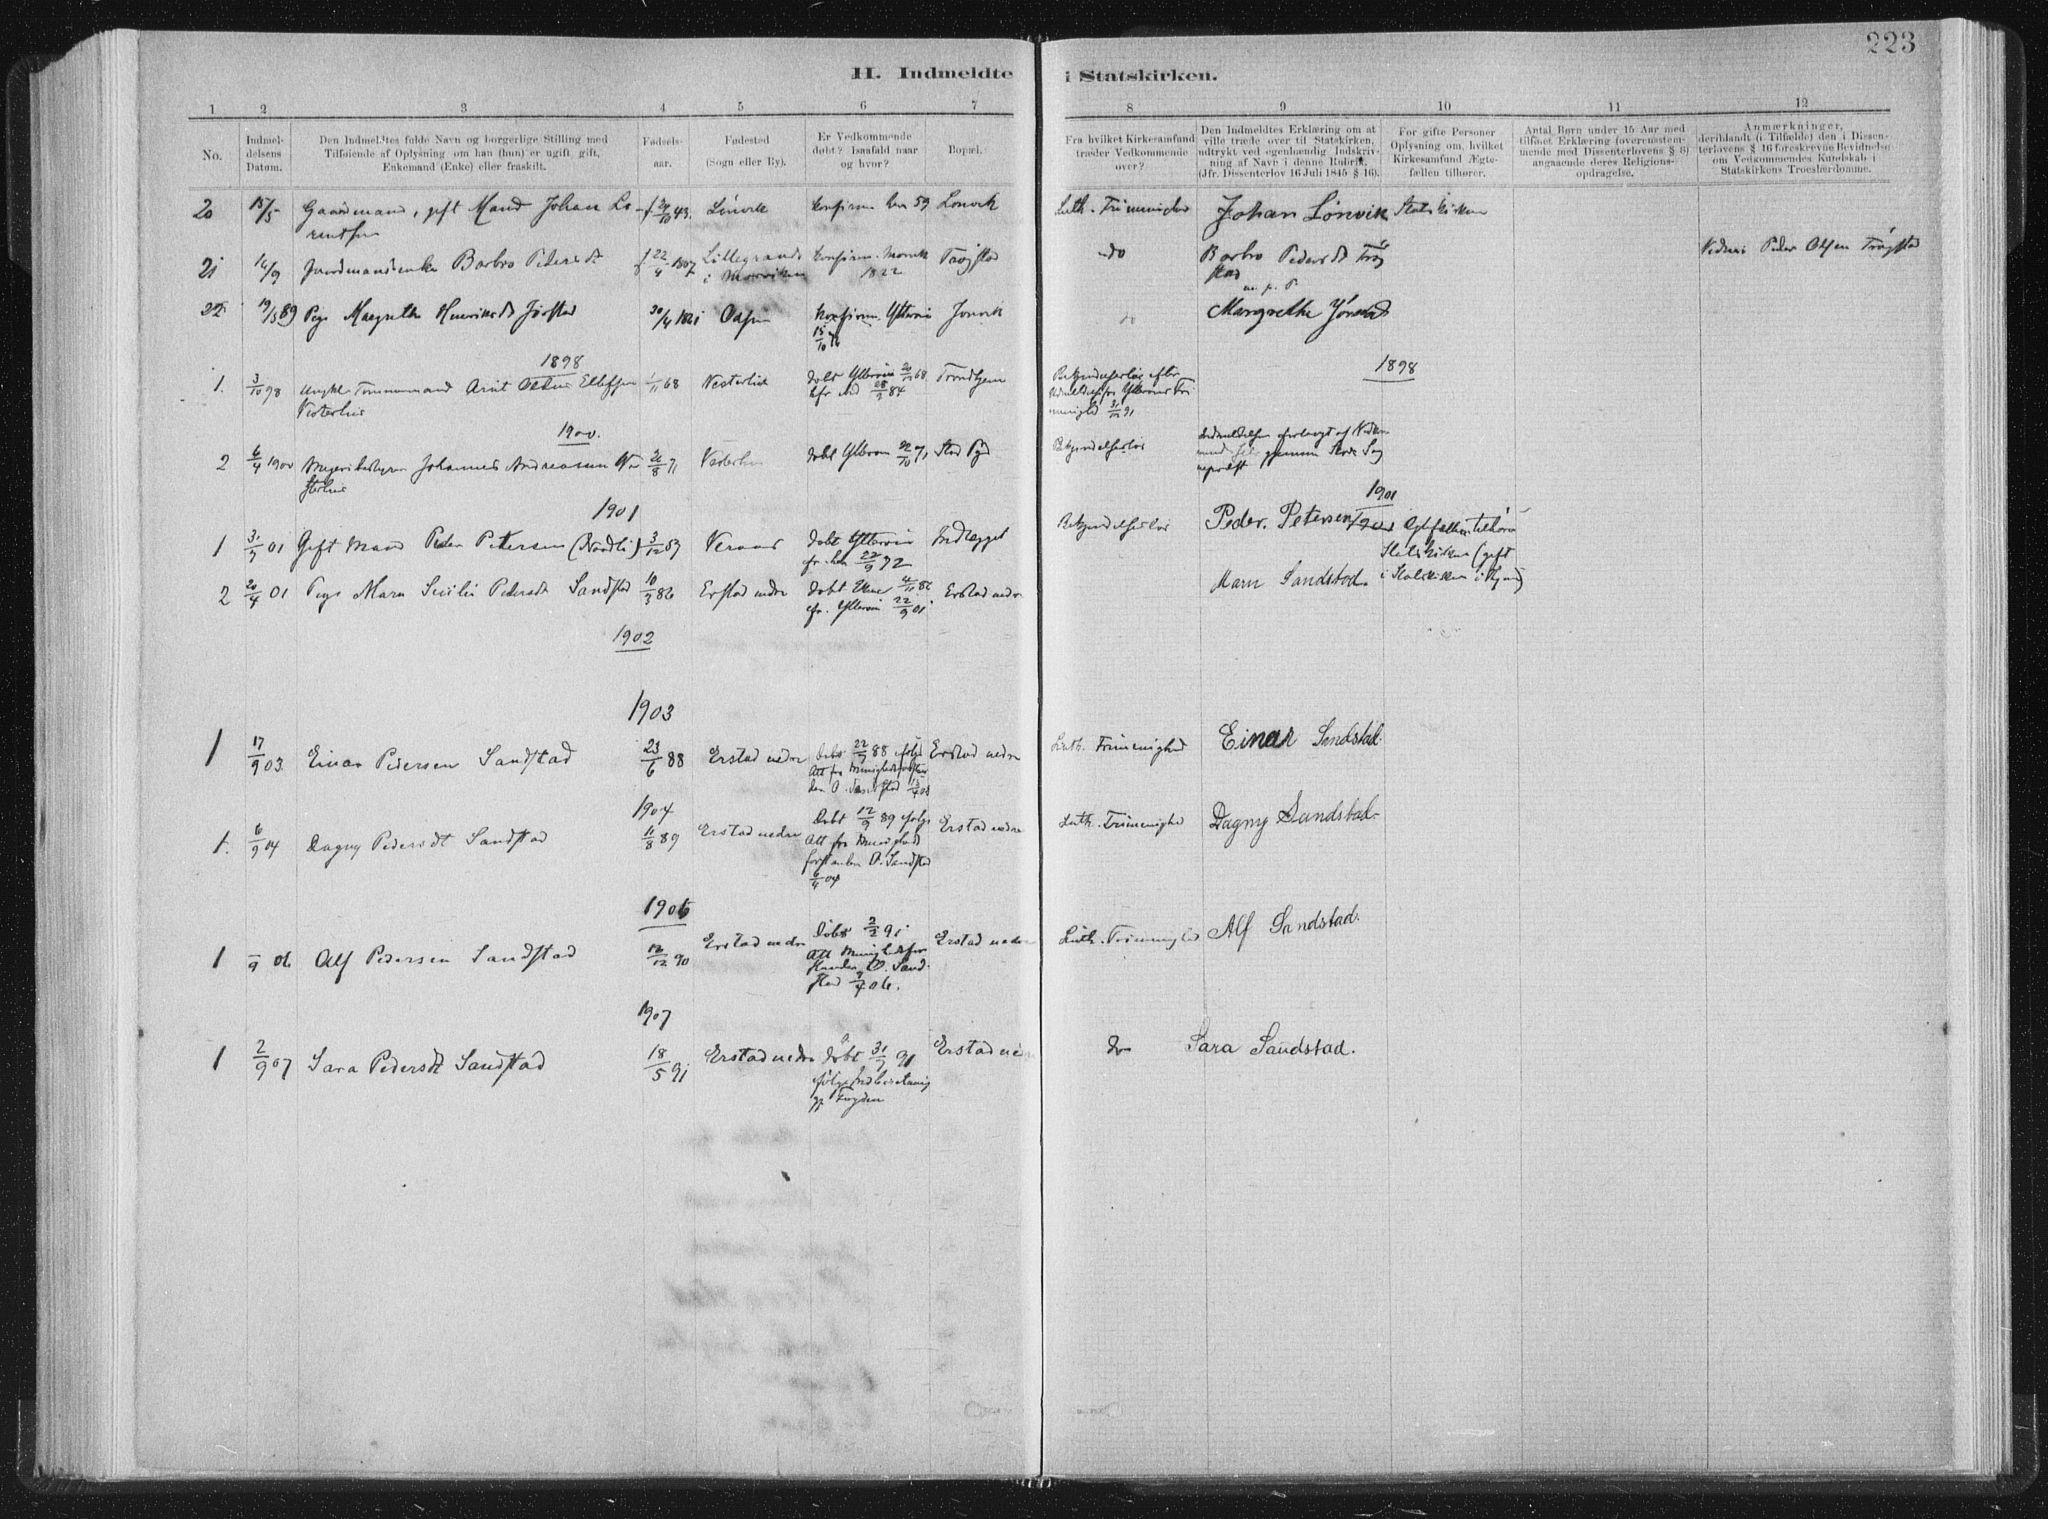 SAT, Ministerialprotokoller, klokkerbøker og fødselsregistre - Nord-Trøndelag, 722/L0220: Ministerialbok nr. 722A07, 1881-1908, s. 223